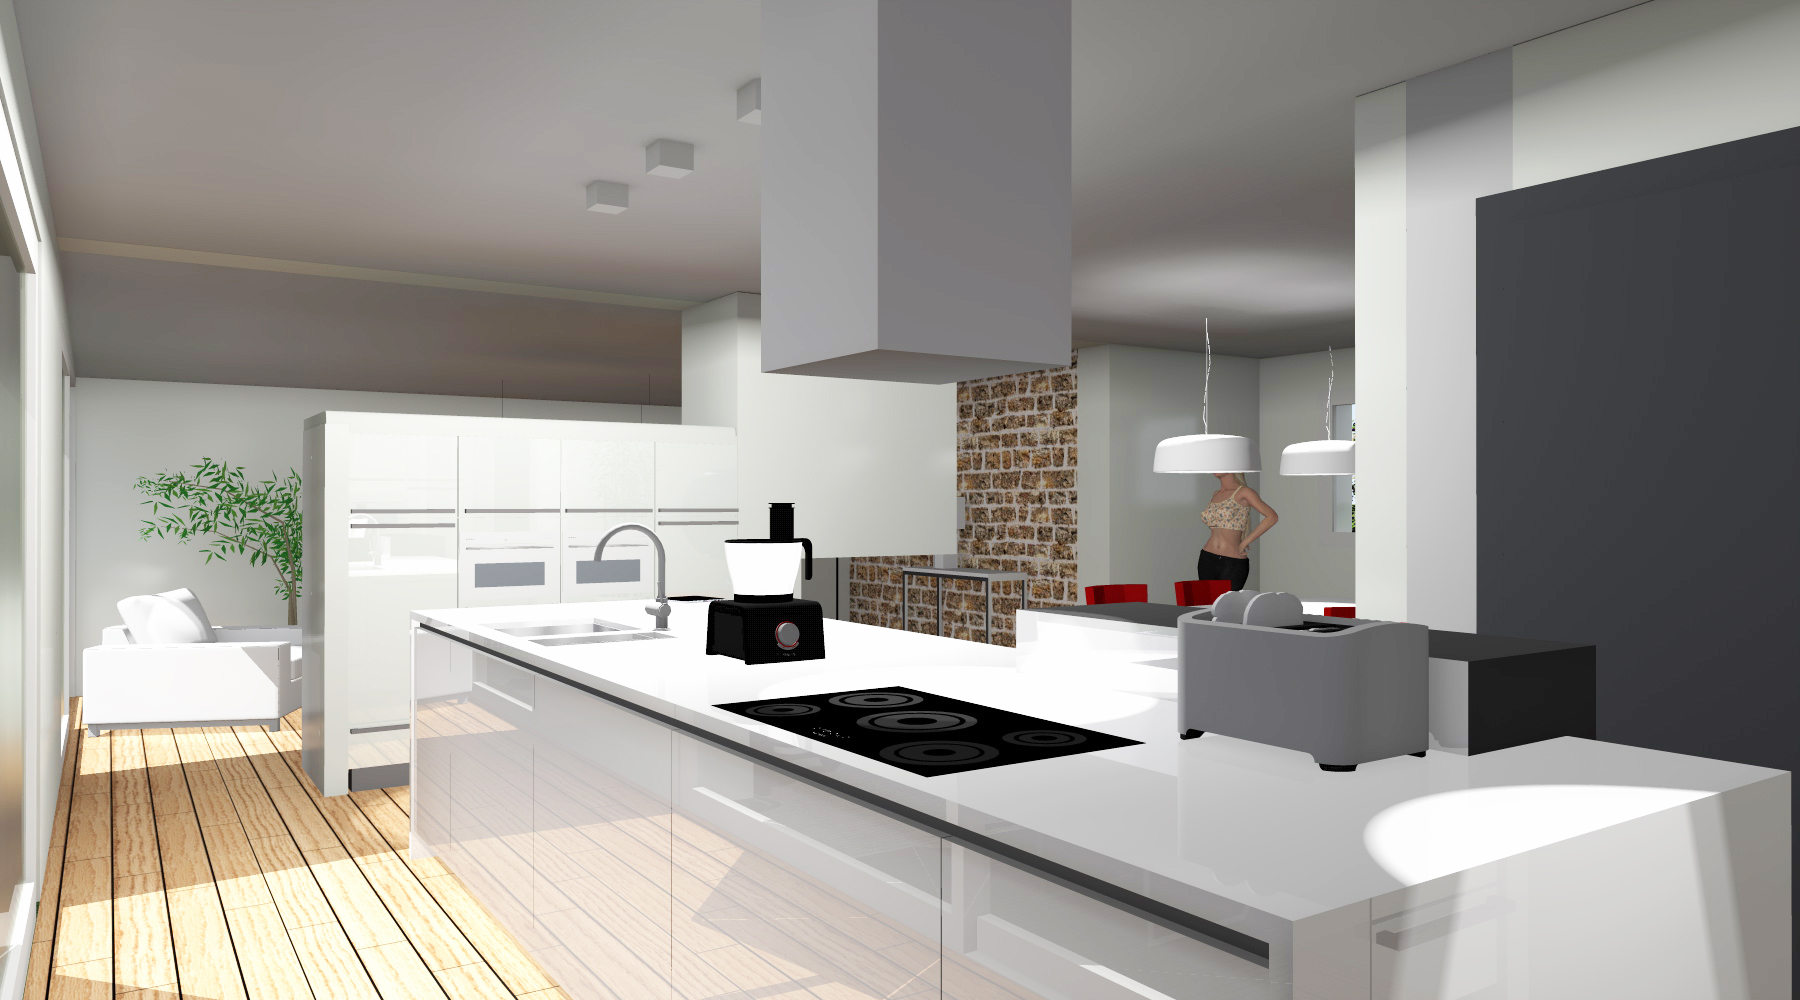 Cuisine 20m2 maison parallele - Cuisine architecte d interieur ...